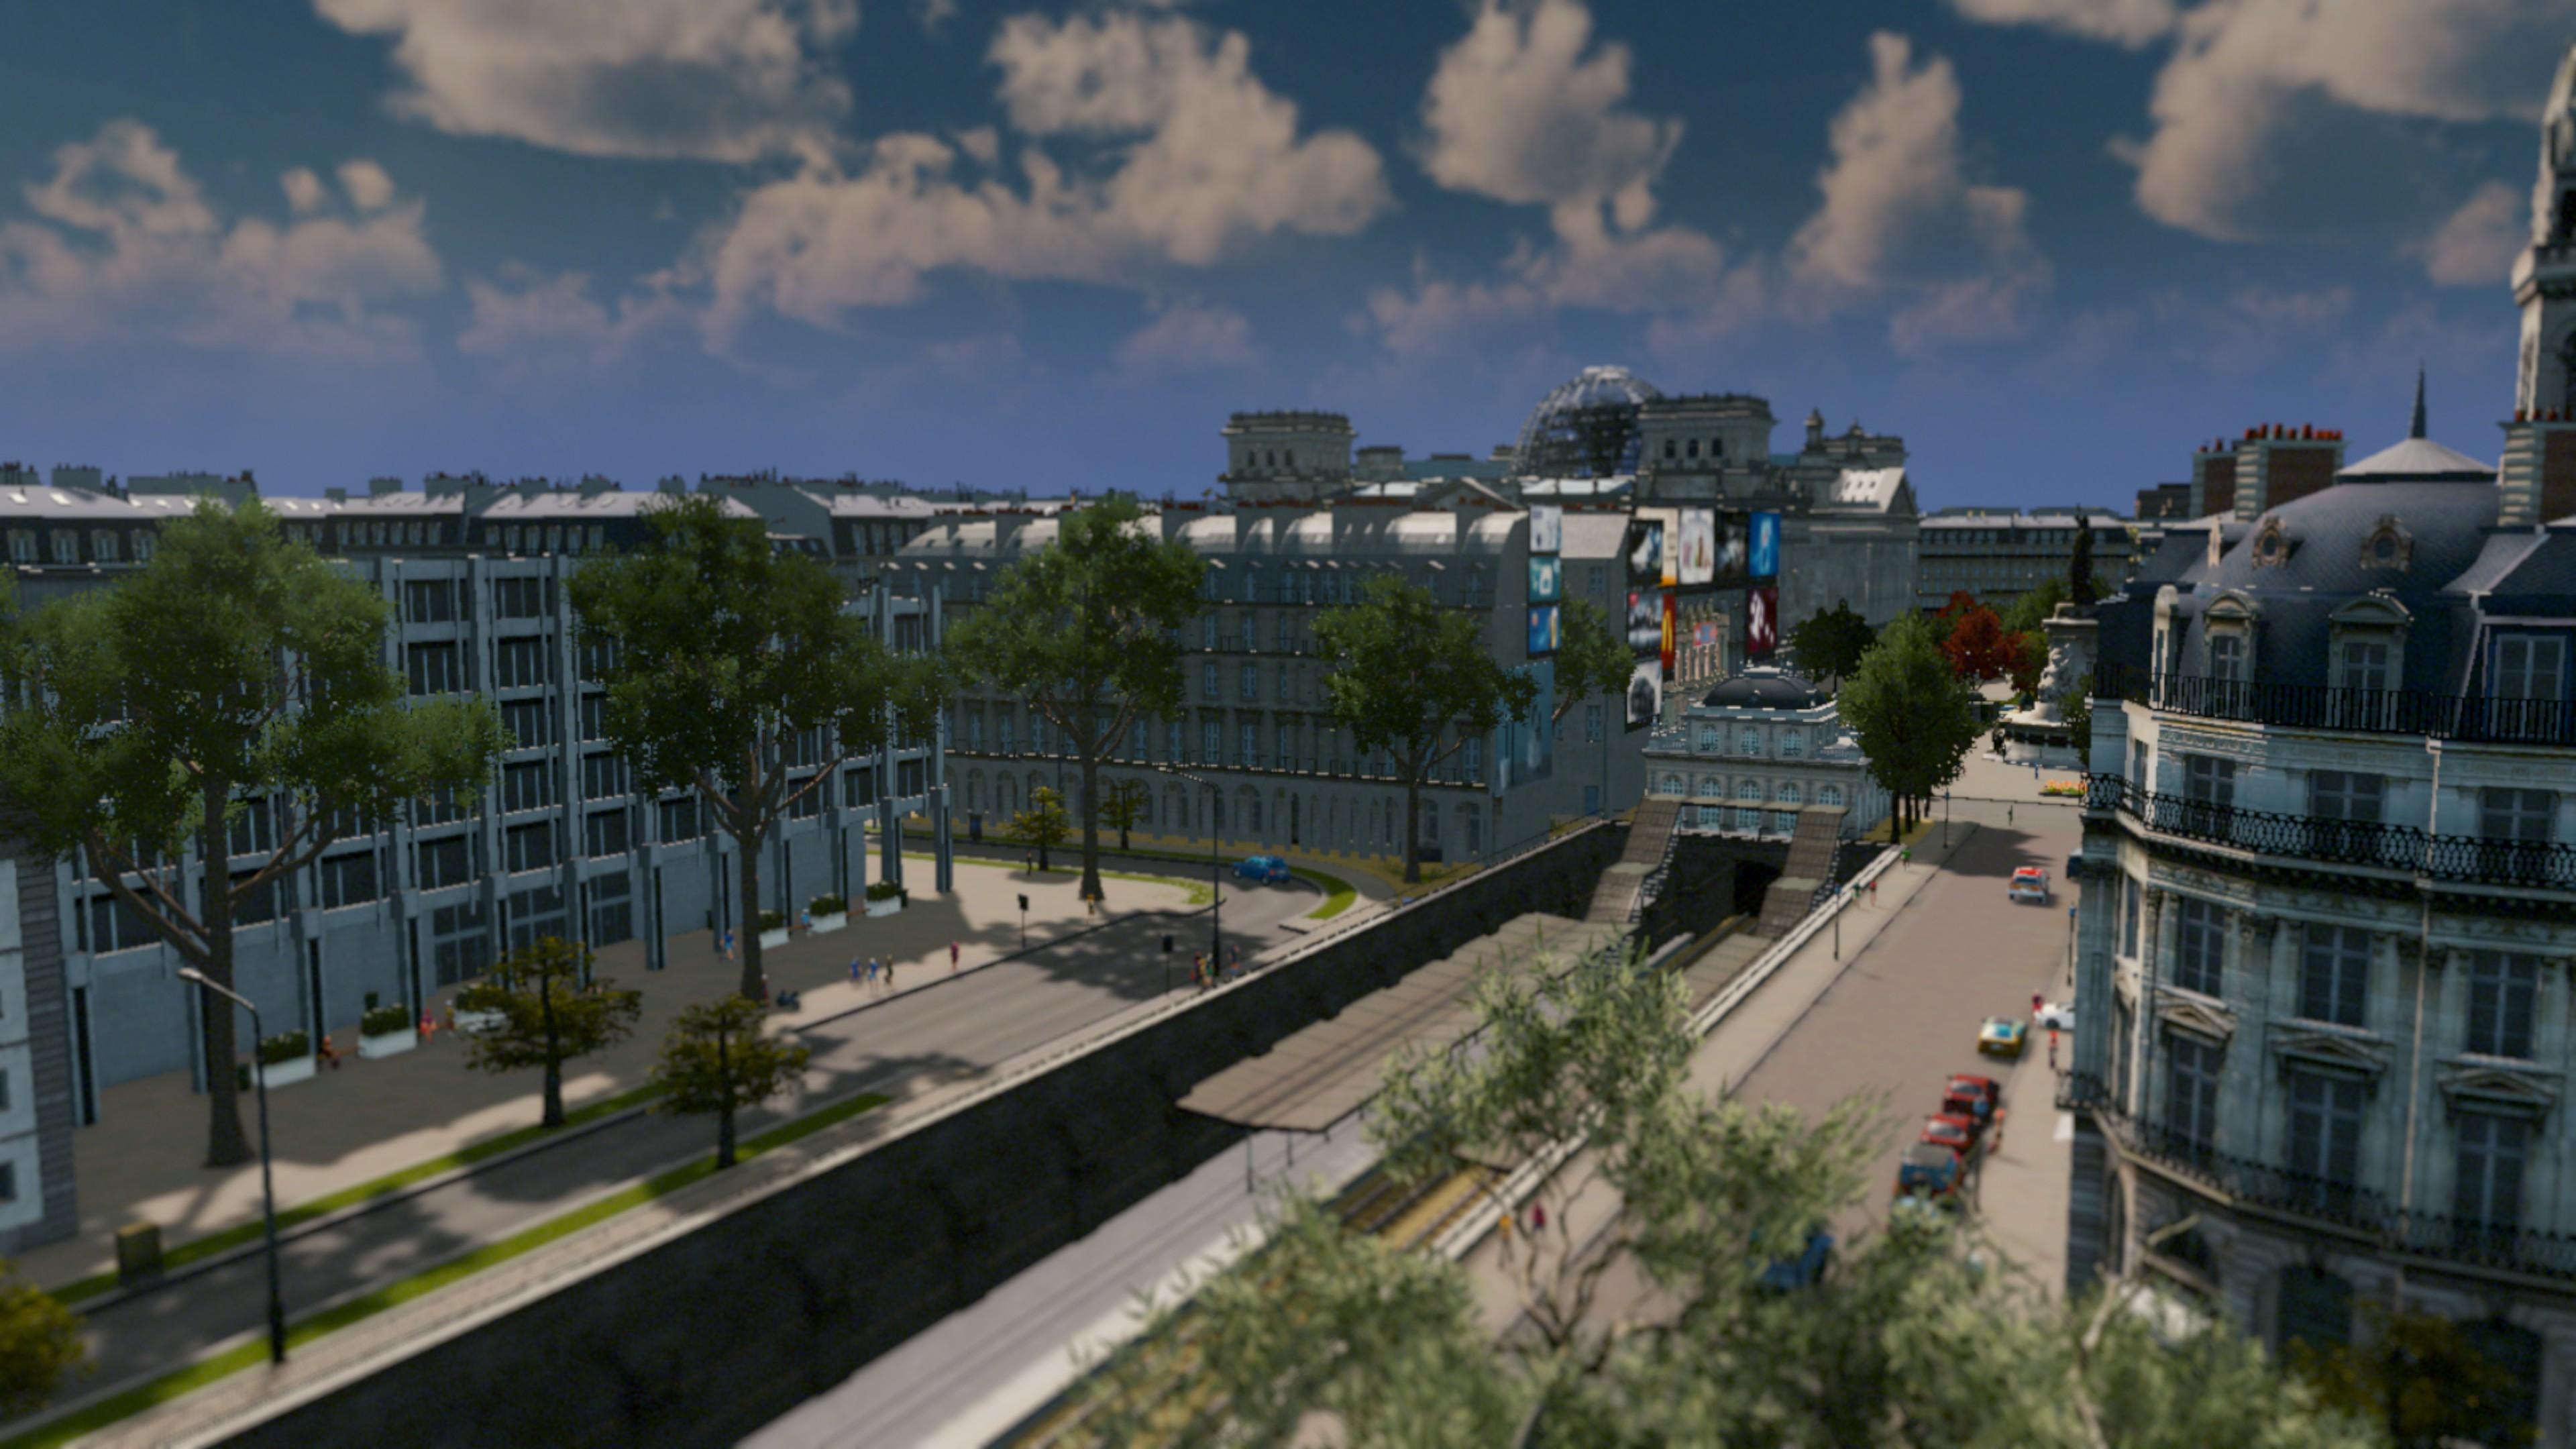 Labadie - Journal 3 d'une ville en construction - Page 2 46F54CBAC46093E02807CAB0961946A85F6AE54A